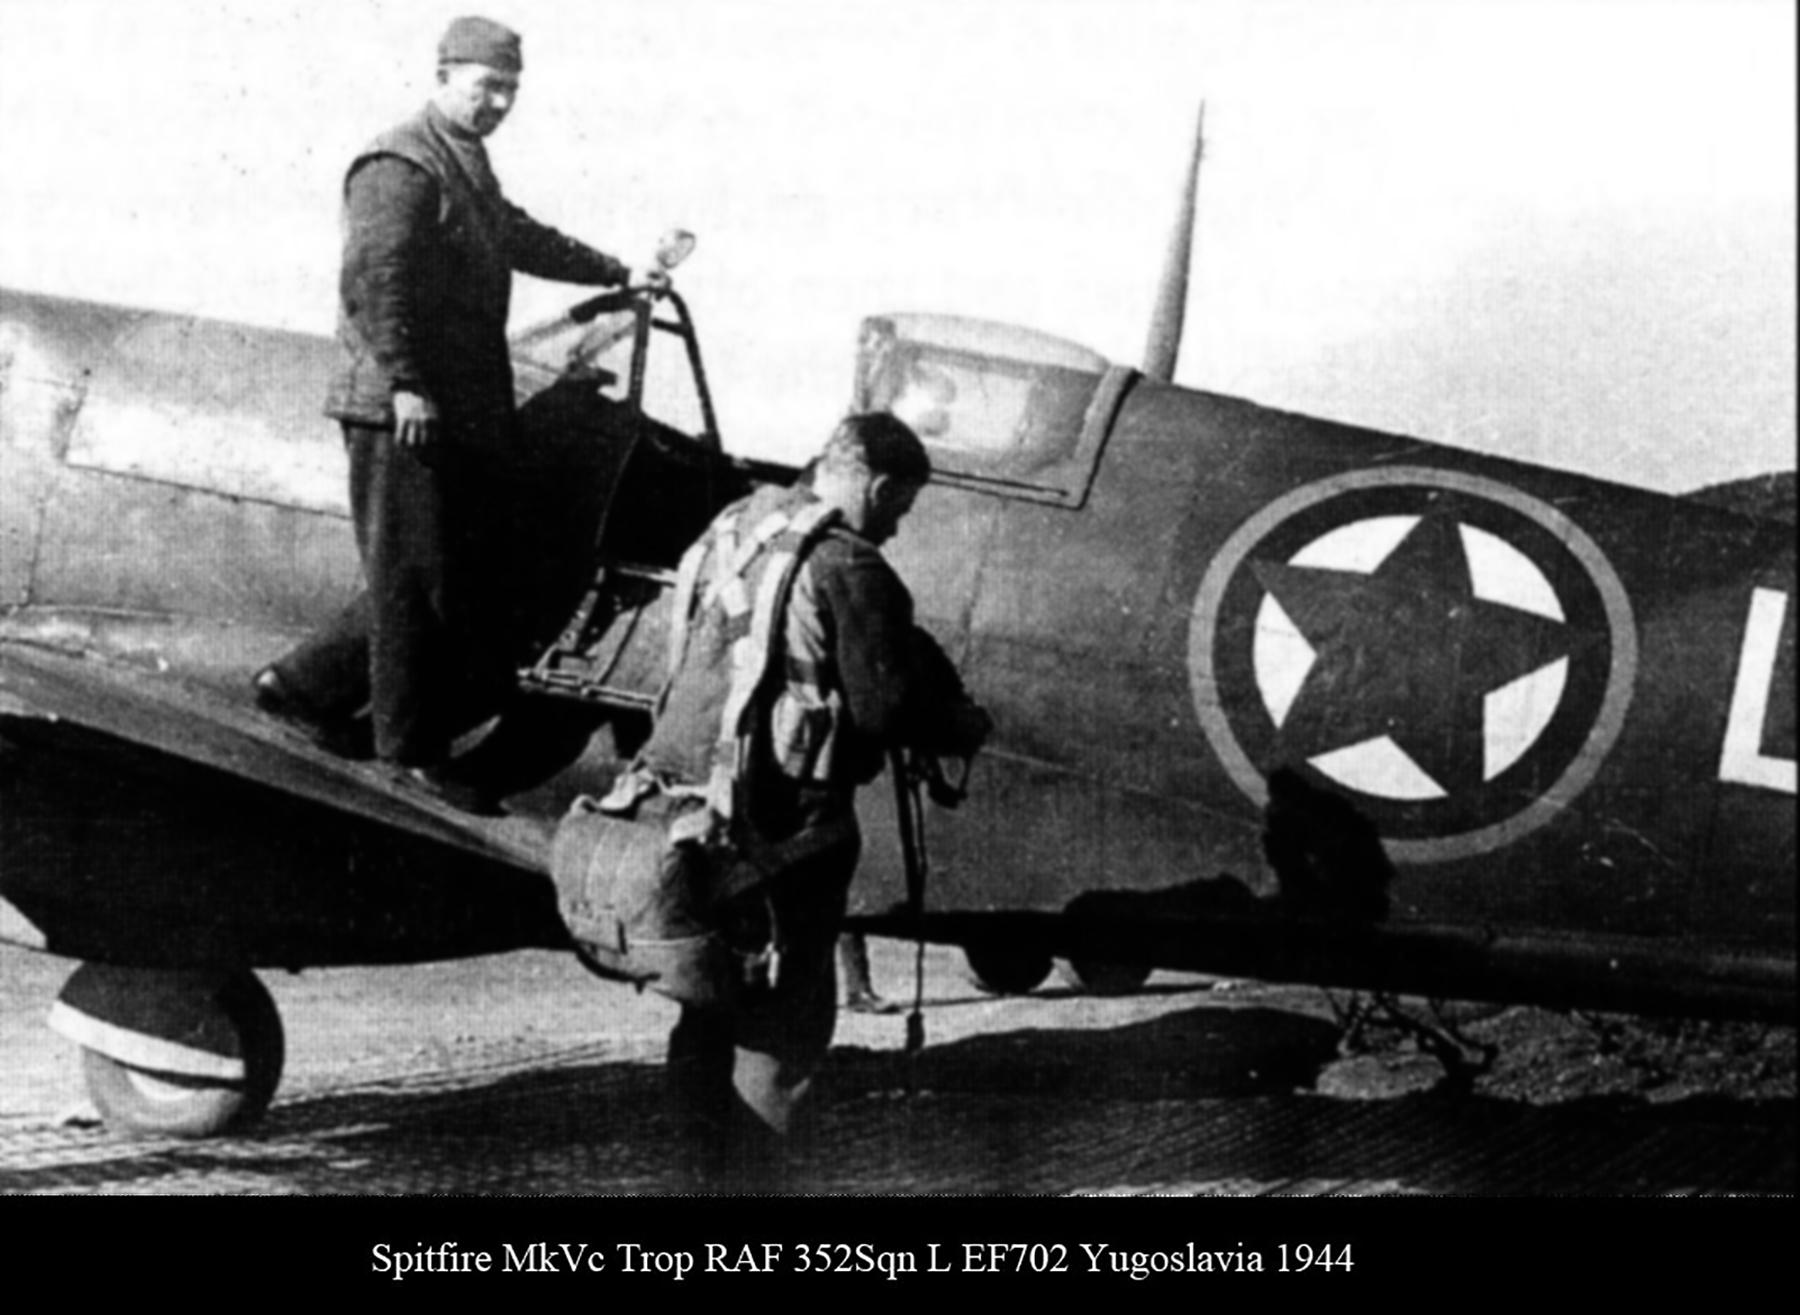 Spitfire MkVcTrop RAF 352Sqn L EF702 Yugoslavia 1944 02